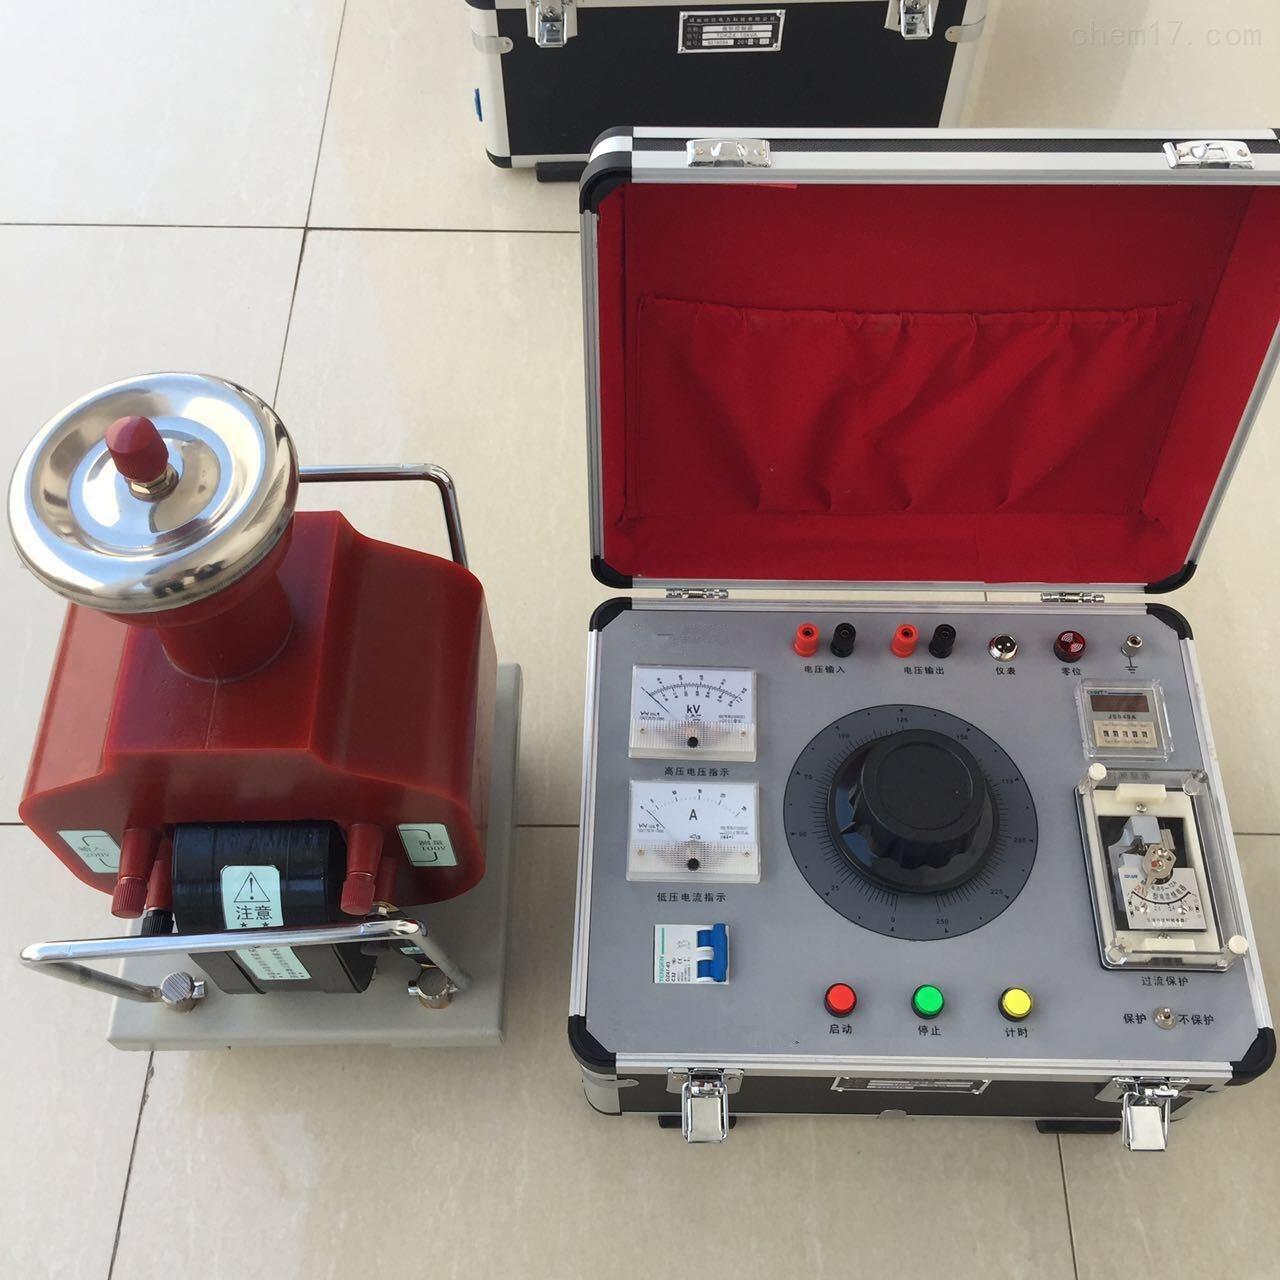 工频耐压试验装置技术参数